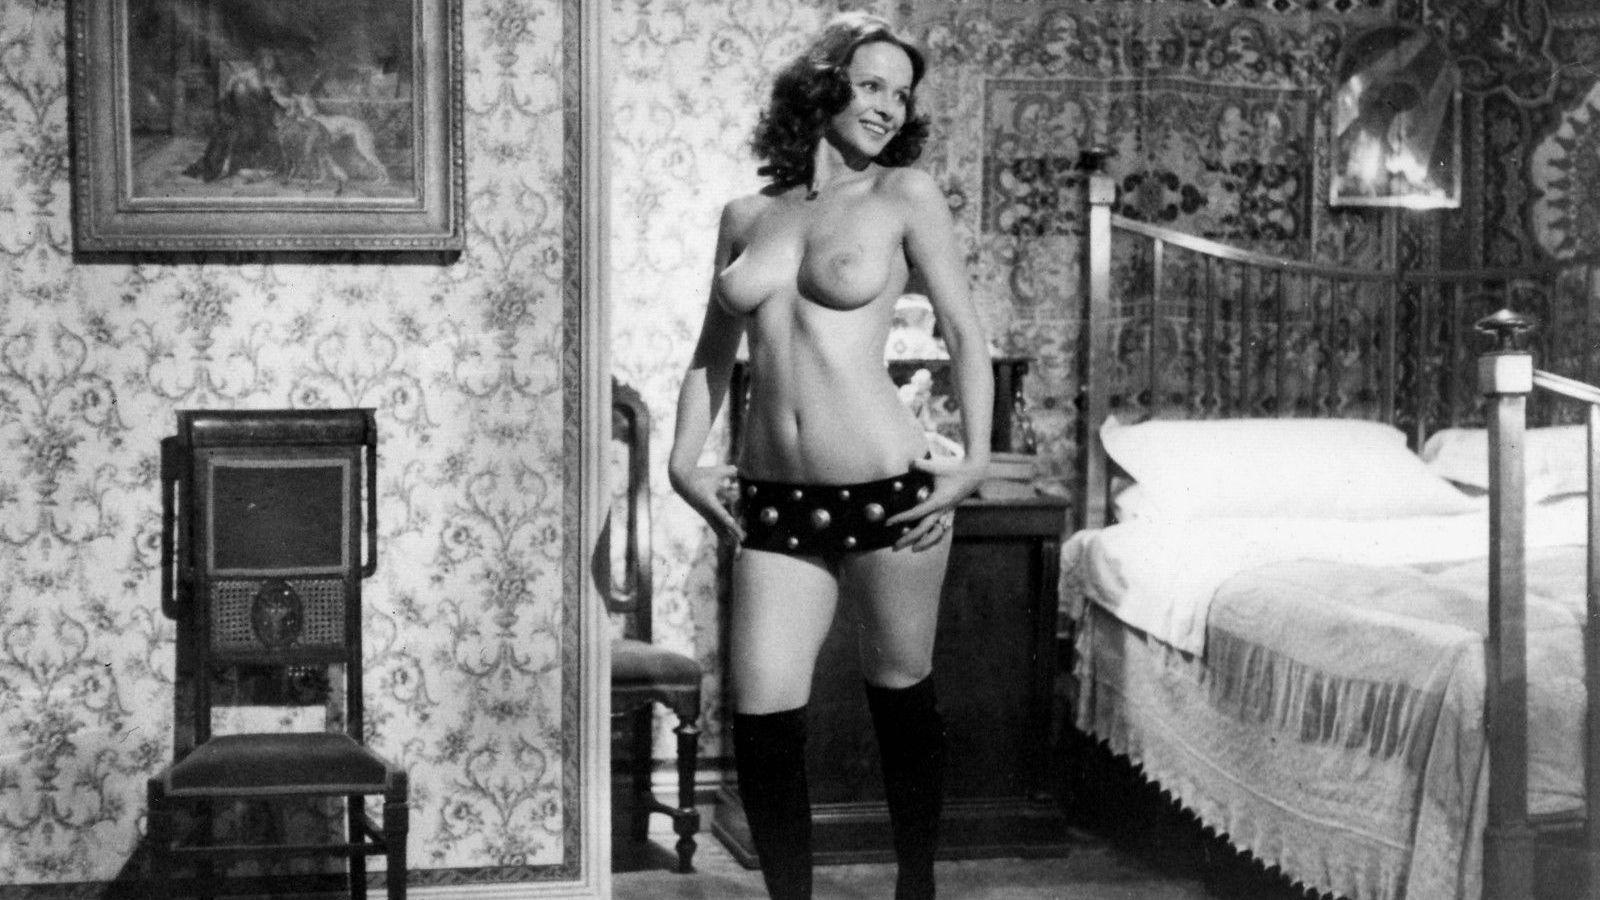 tetki-odin-italyanskie-eroticheskie-retro-filmi-onlayn-eroticheskiy-potom-seks